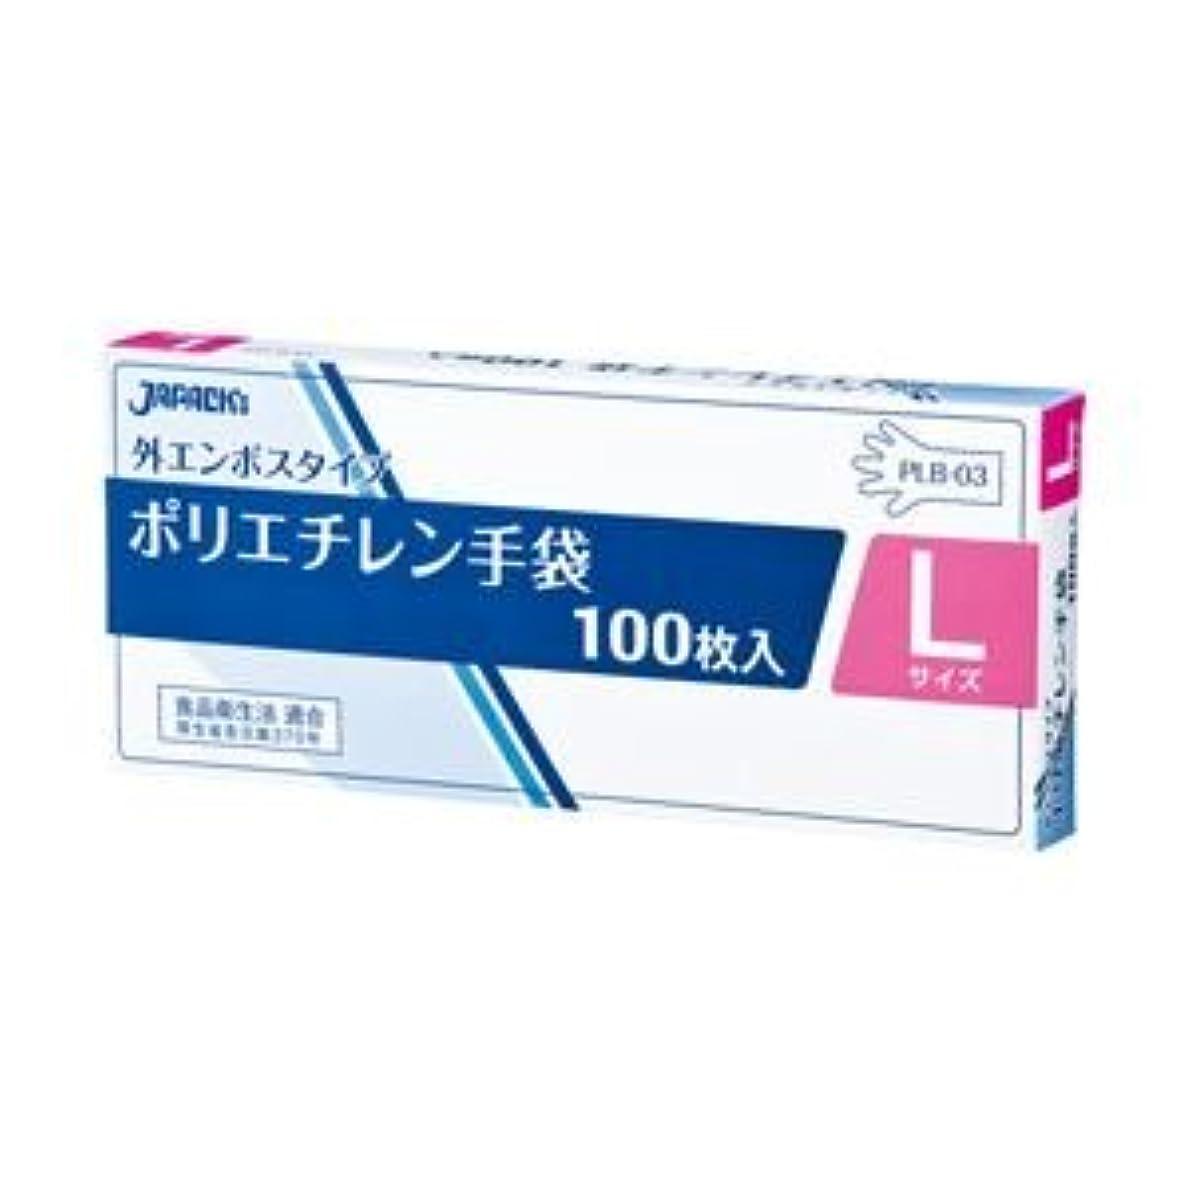 (業務用セット) ジャパックス LDポリエチレン手袋 L 1箱(100枚) 【×20セット】 dS-1638960